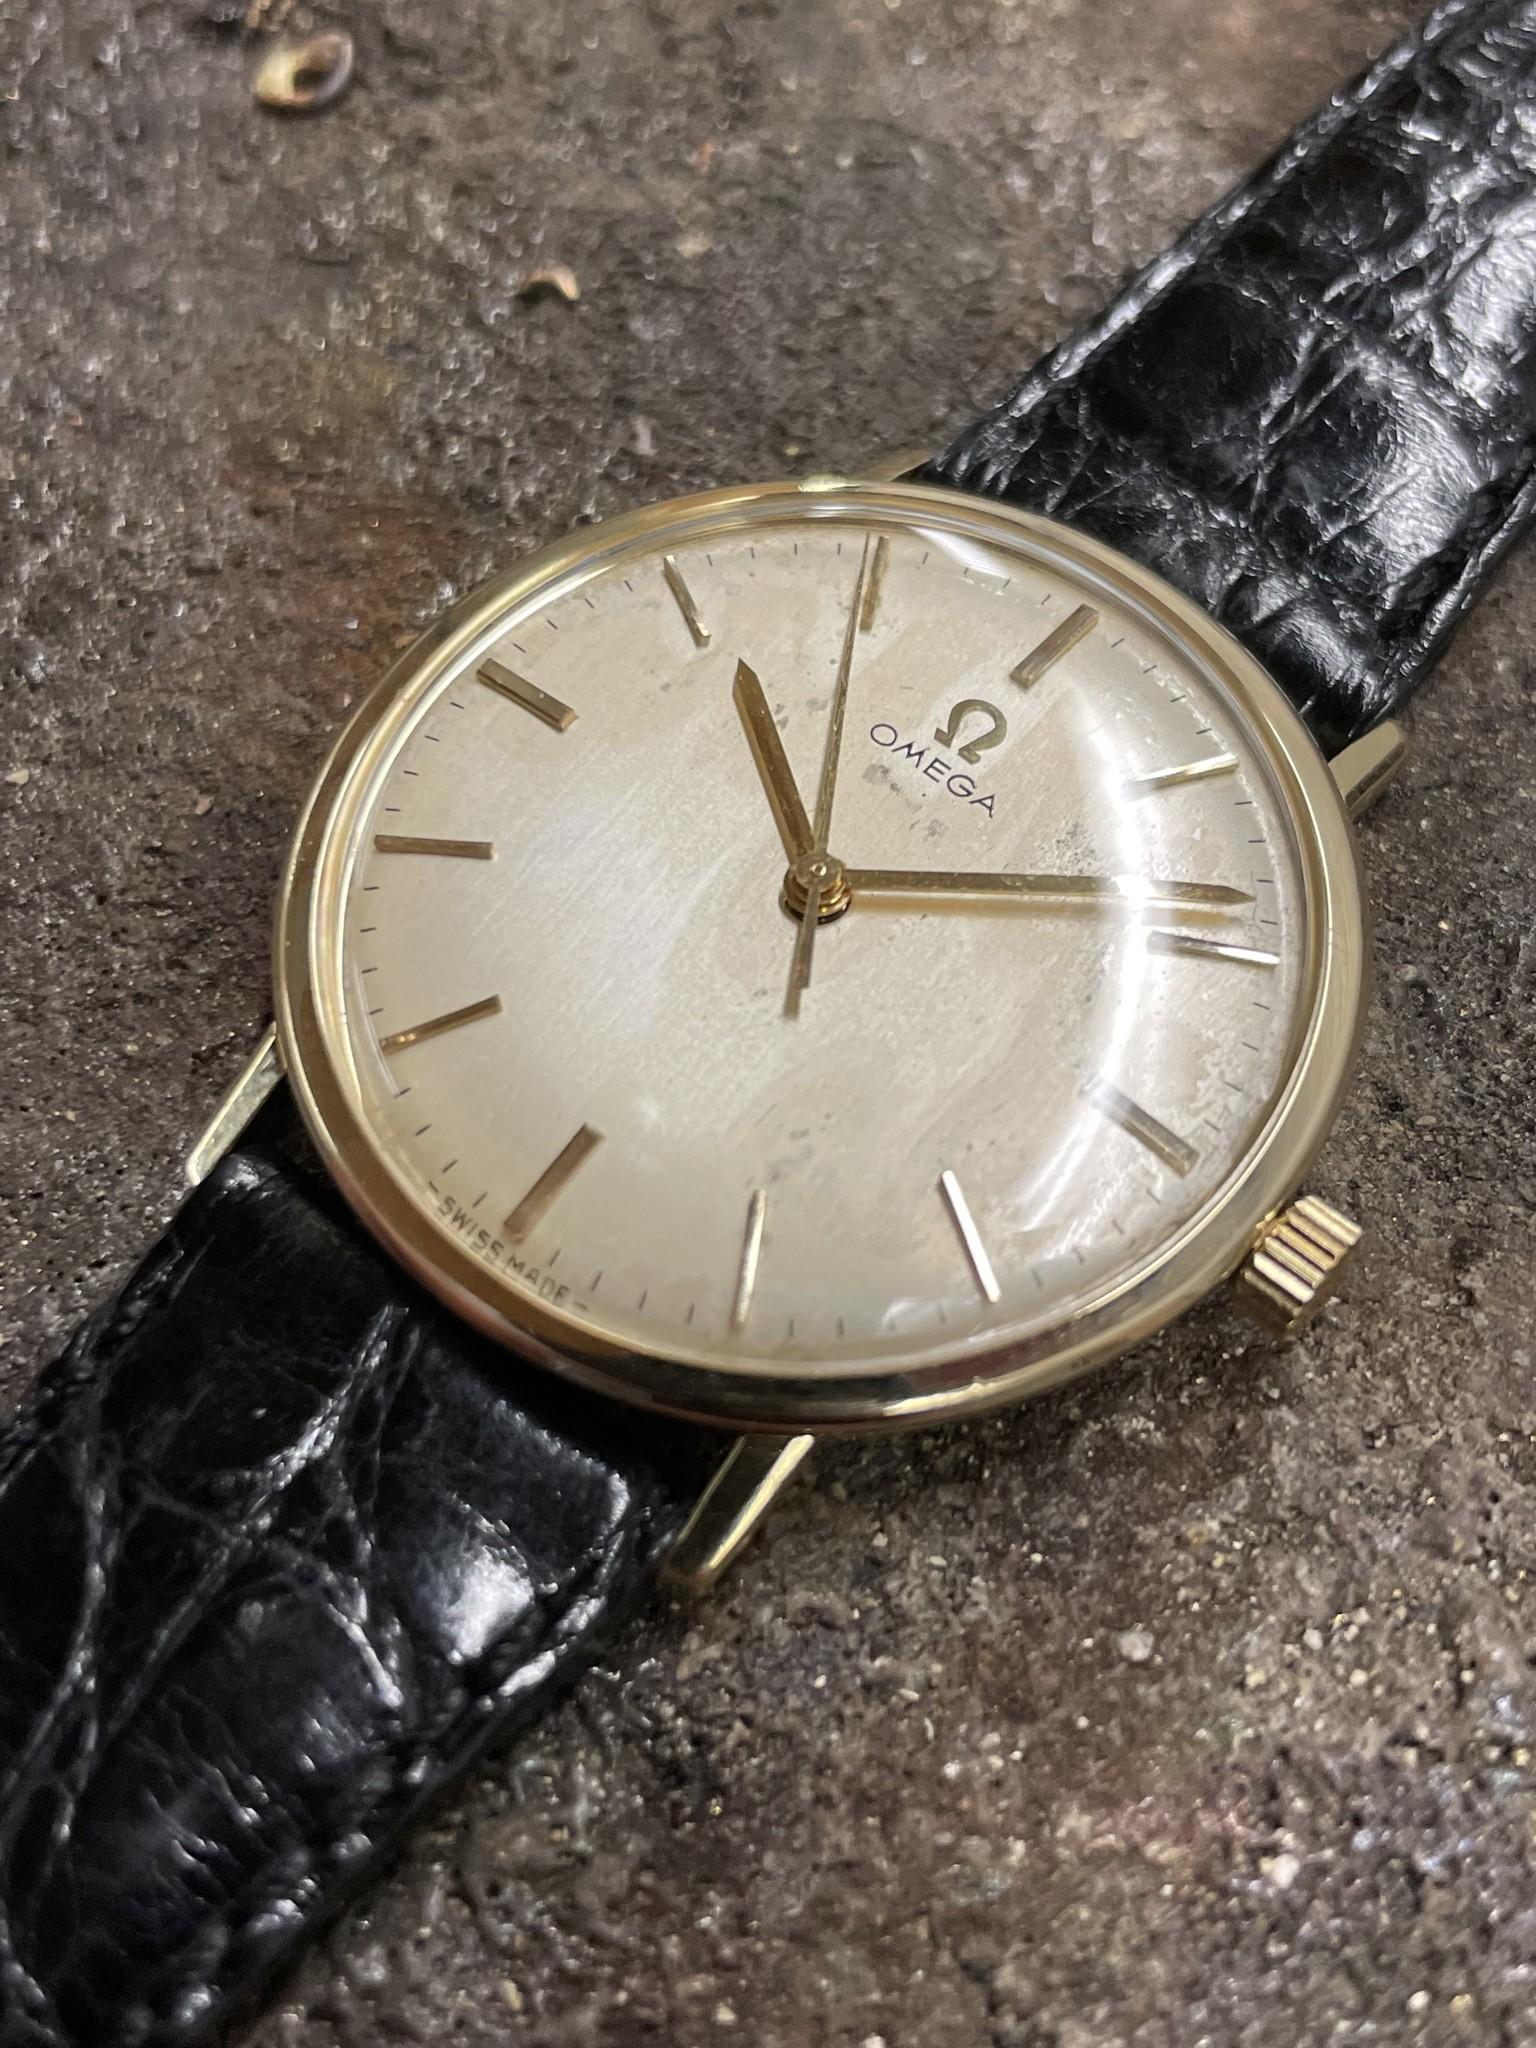 Omega - Horloge Unisex - 131026 - Geelgoud-6